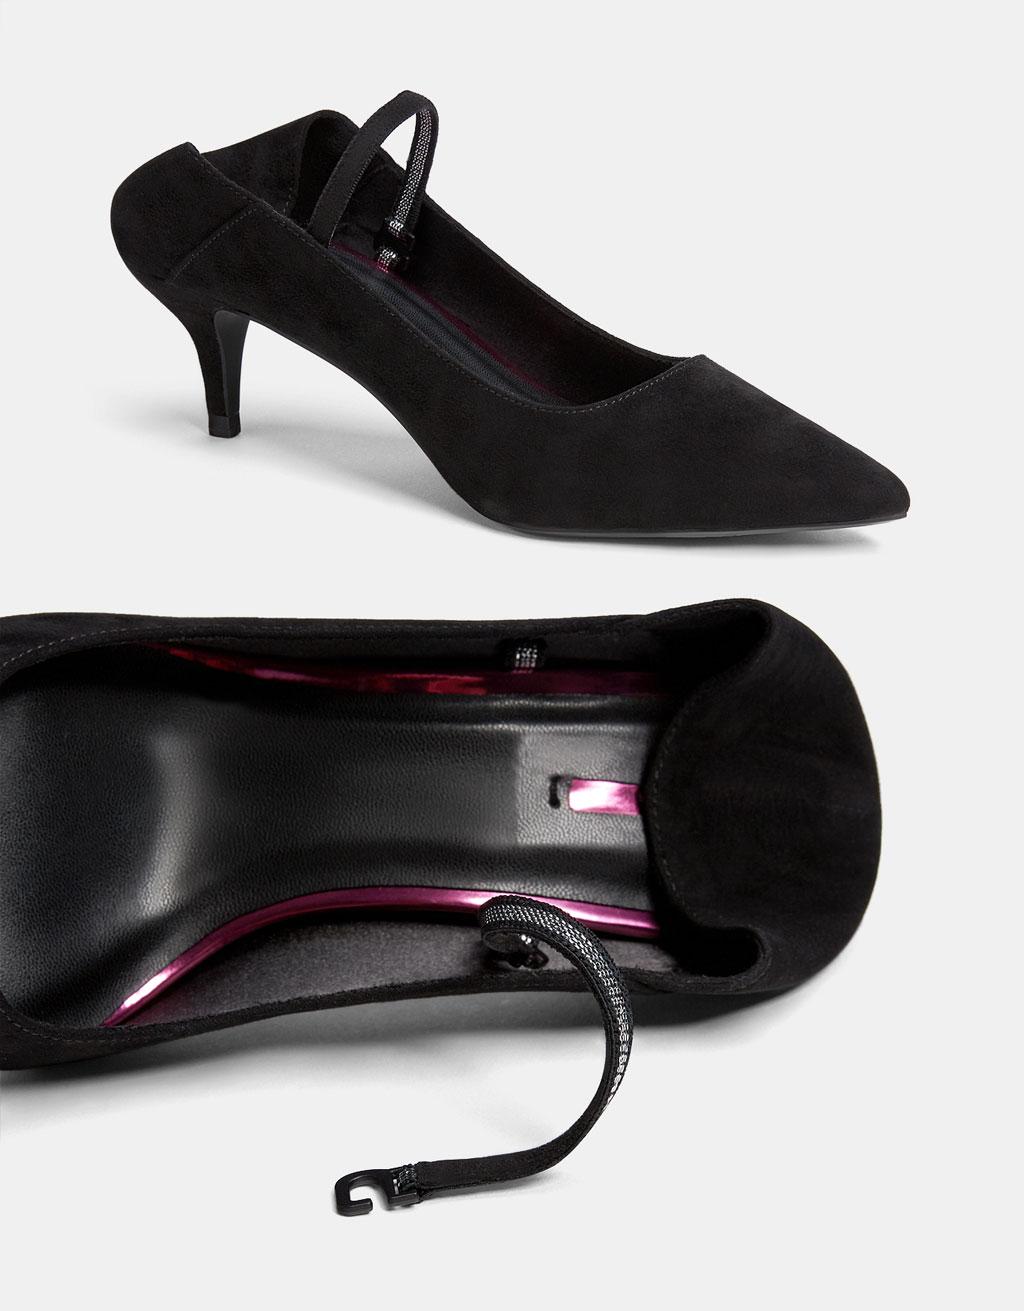 Schuh mit offener Ferse, halbhohem Absatz und Knöchelriemchen.